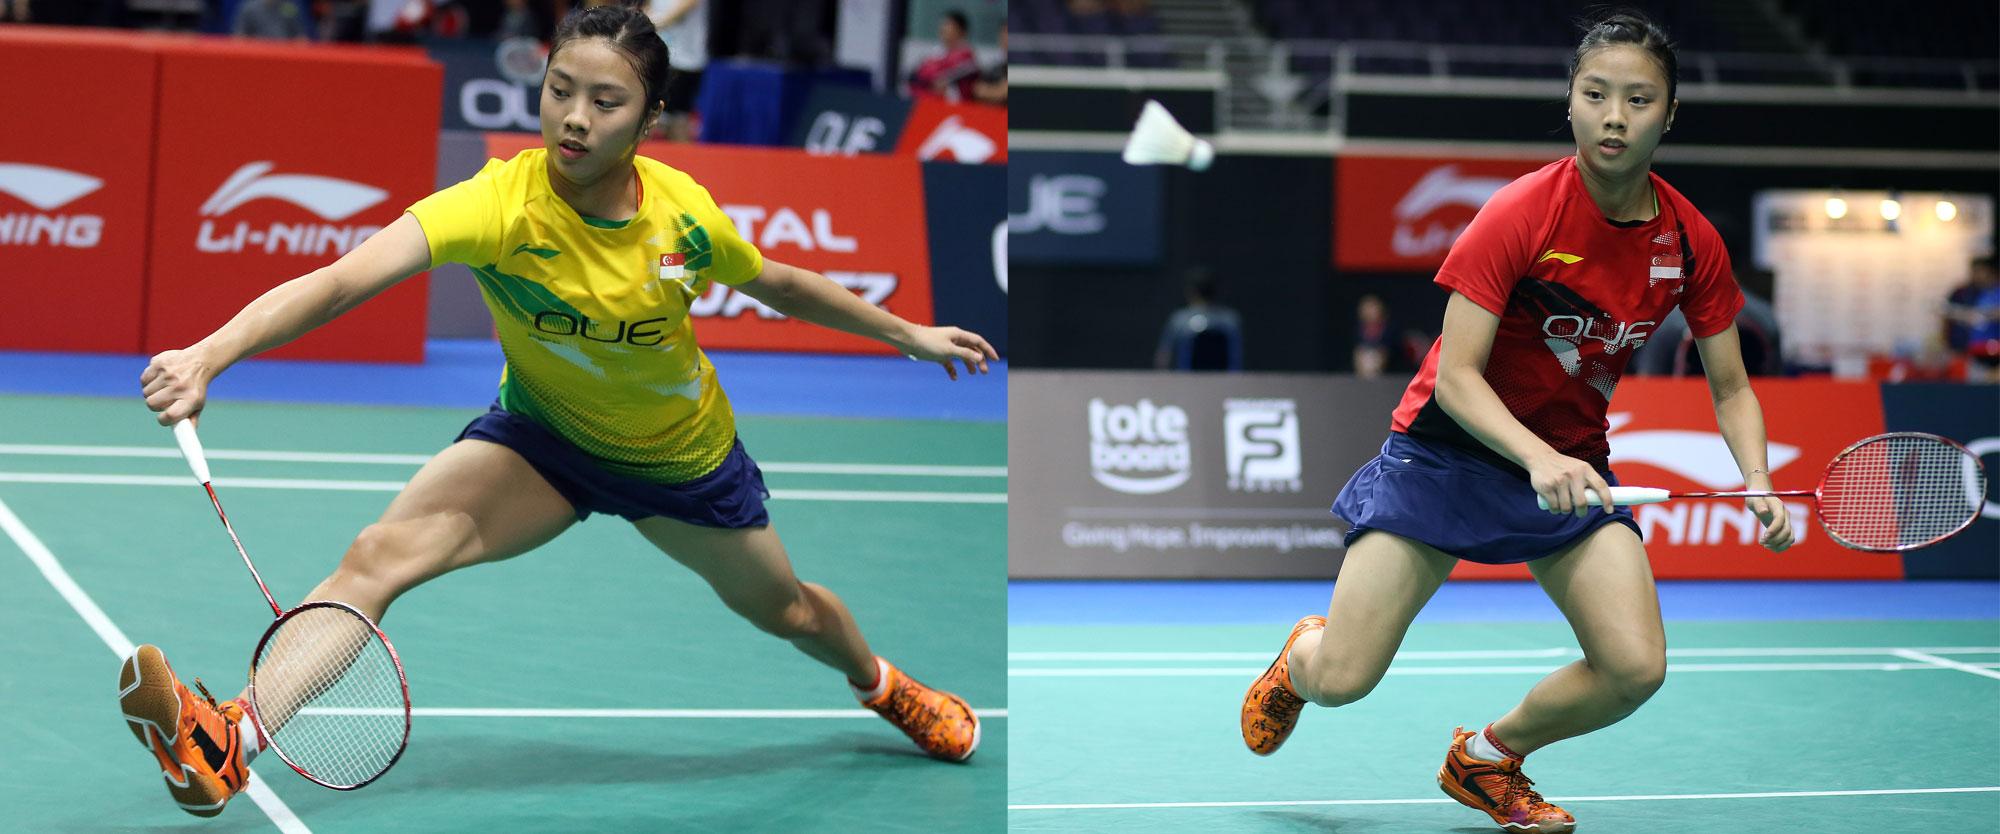 Yeo Jia Min, World Junior Number 1.